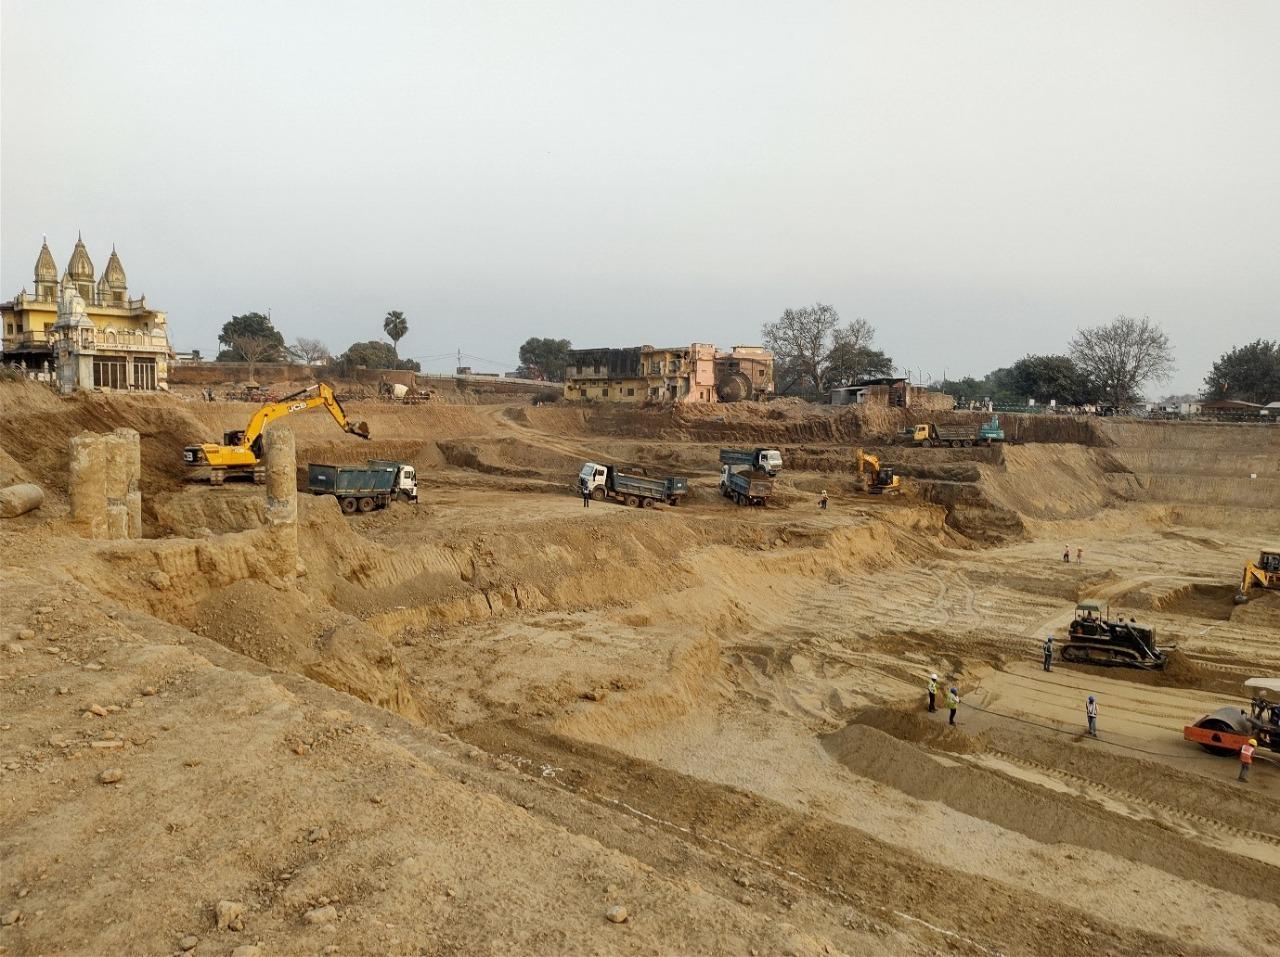 जन्मभूमि पर बनने वाले मंदिर का गर्भगृह दिसंबर 2023 तक तैयार करने का लक्ष्य है।